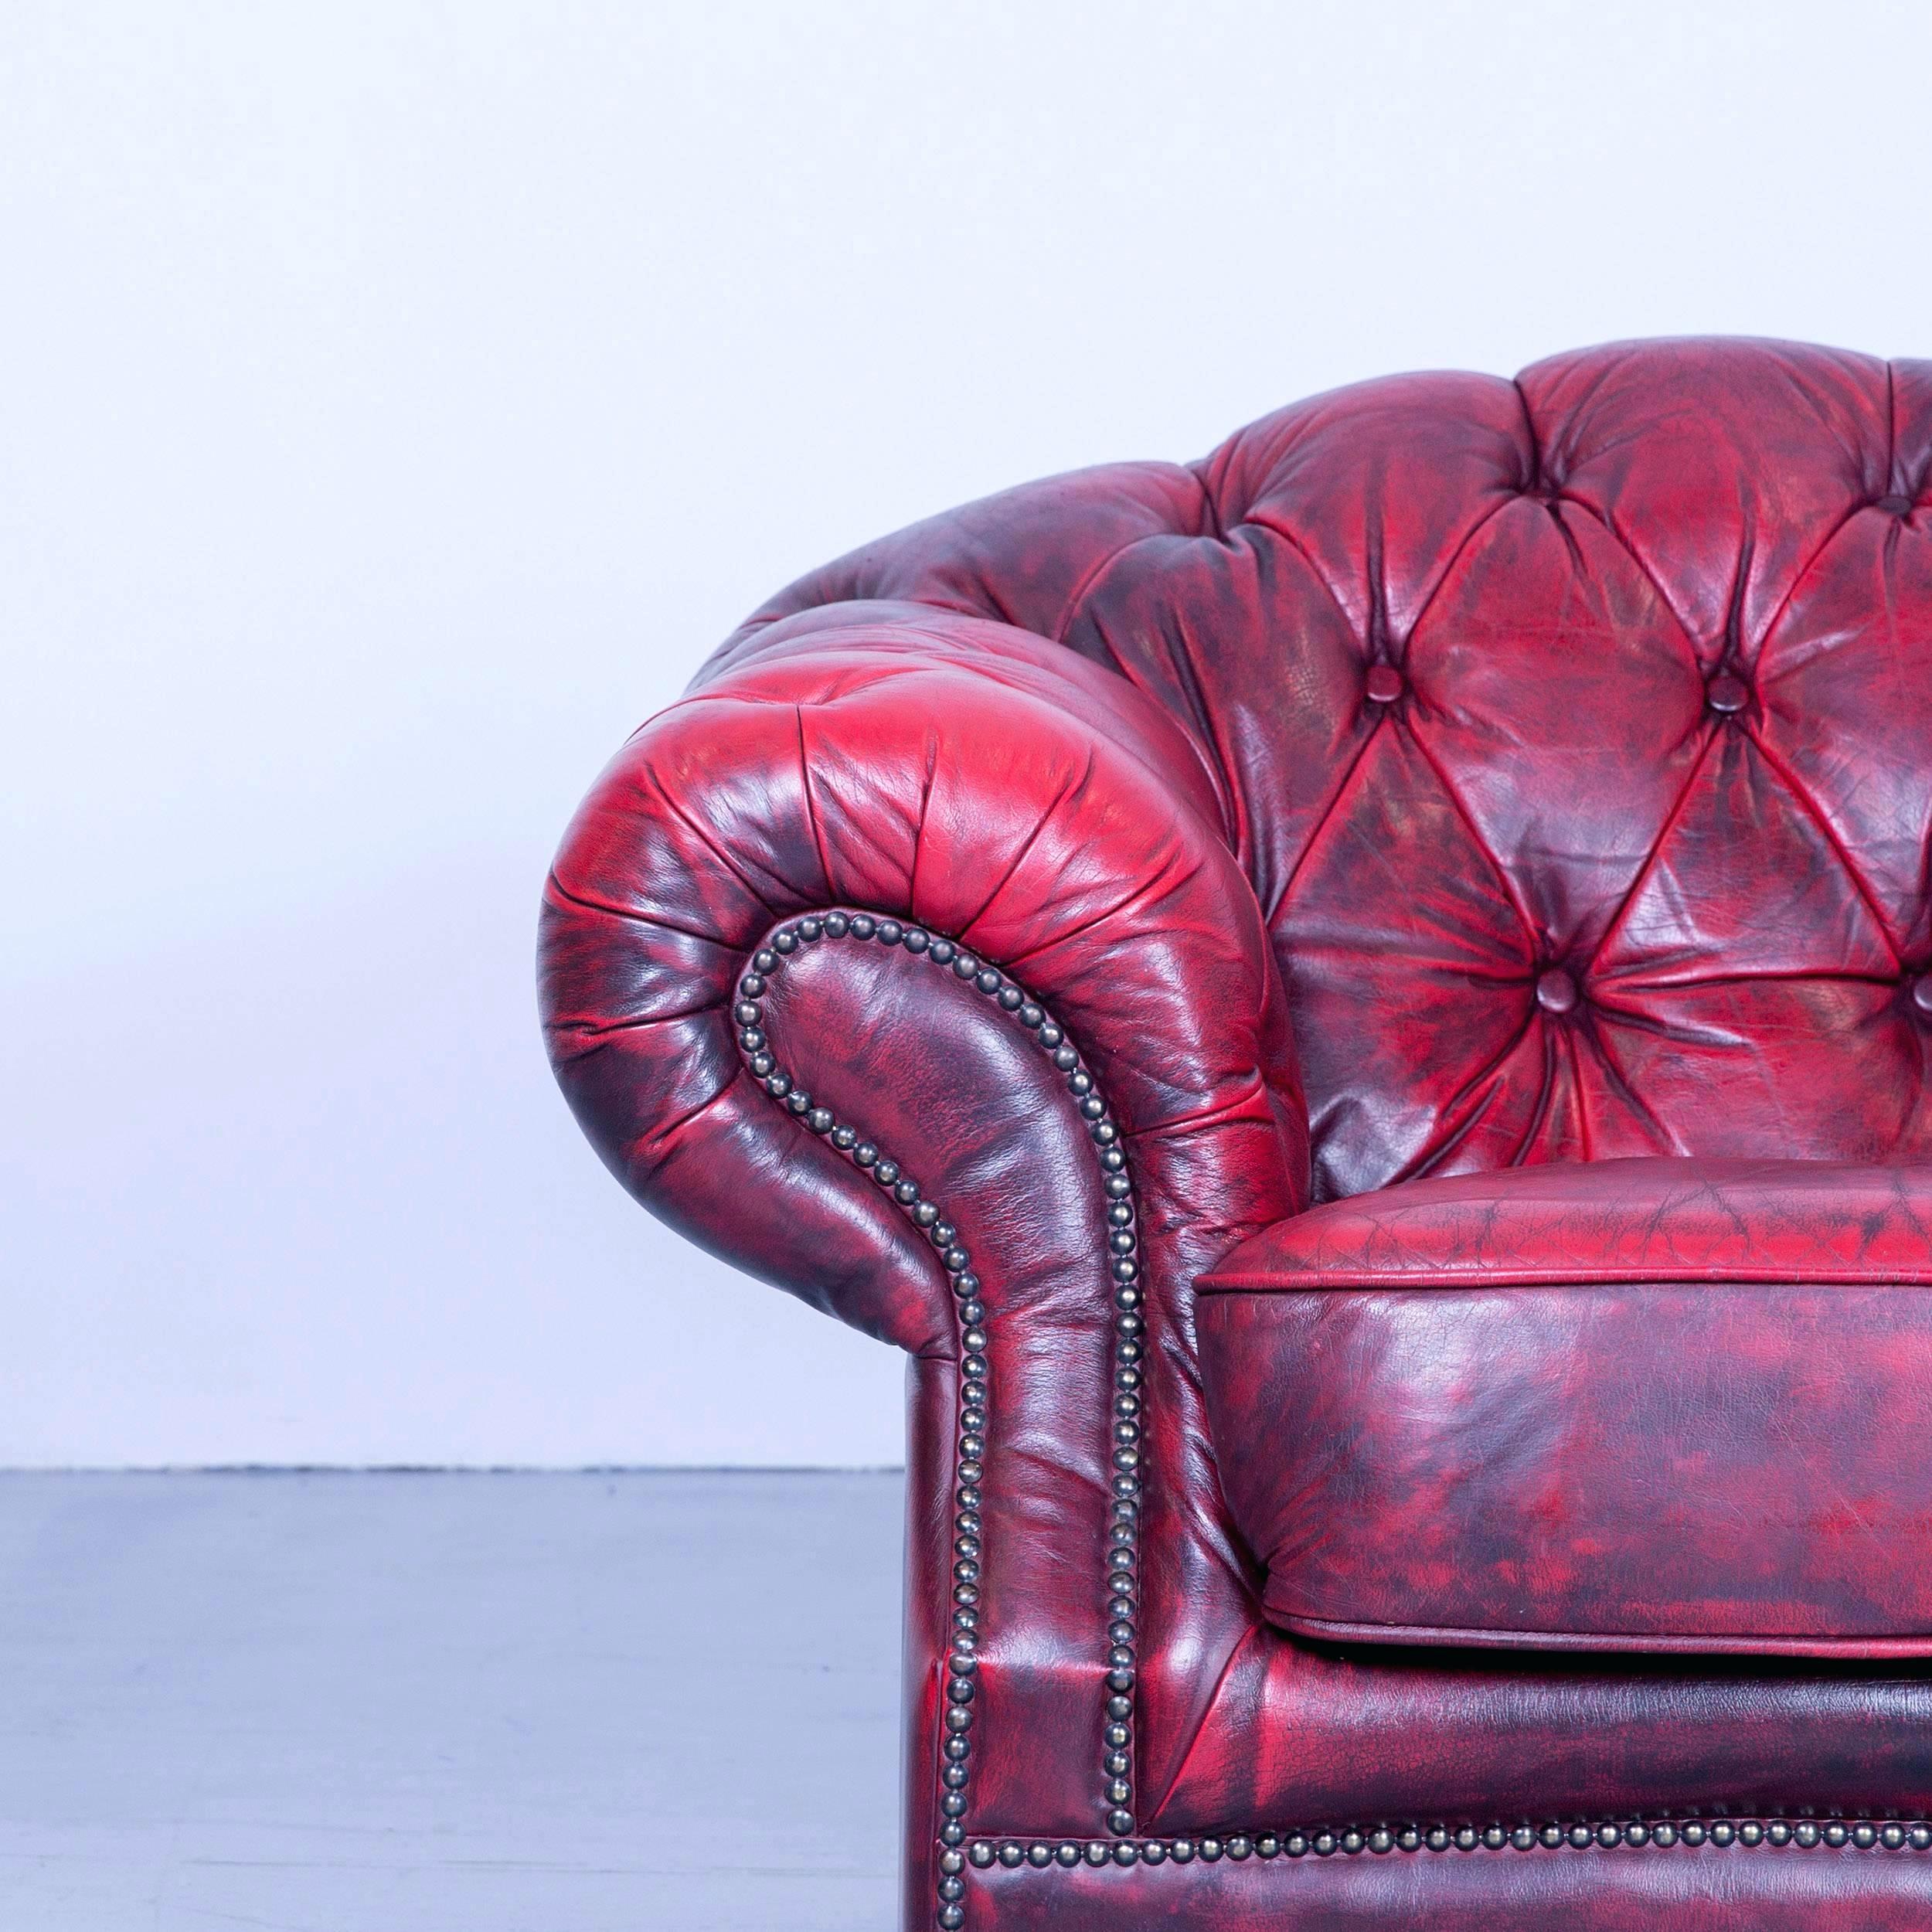 Full Size of Chesterfield Sessel Gebraucht Sofa Braun Brühl Dreisitzer Benz Machalke Landhaus Günstig Kaufen Alcantara Riess Ambiente Landhausstil Ebay Hocker Mit Sofa Chesterfield Sofa Gebraucht